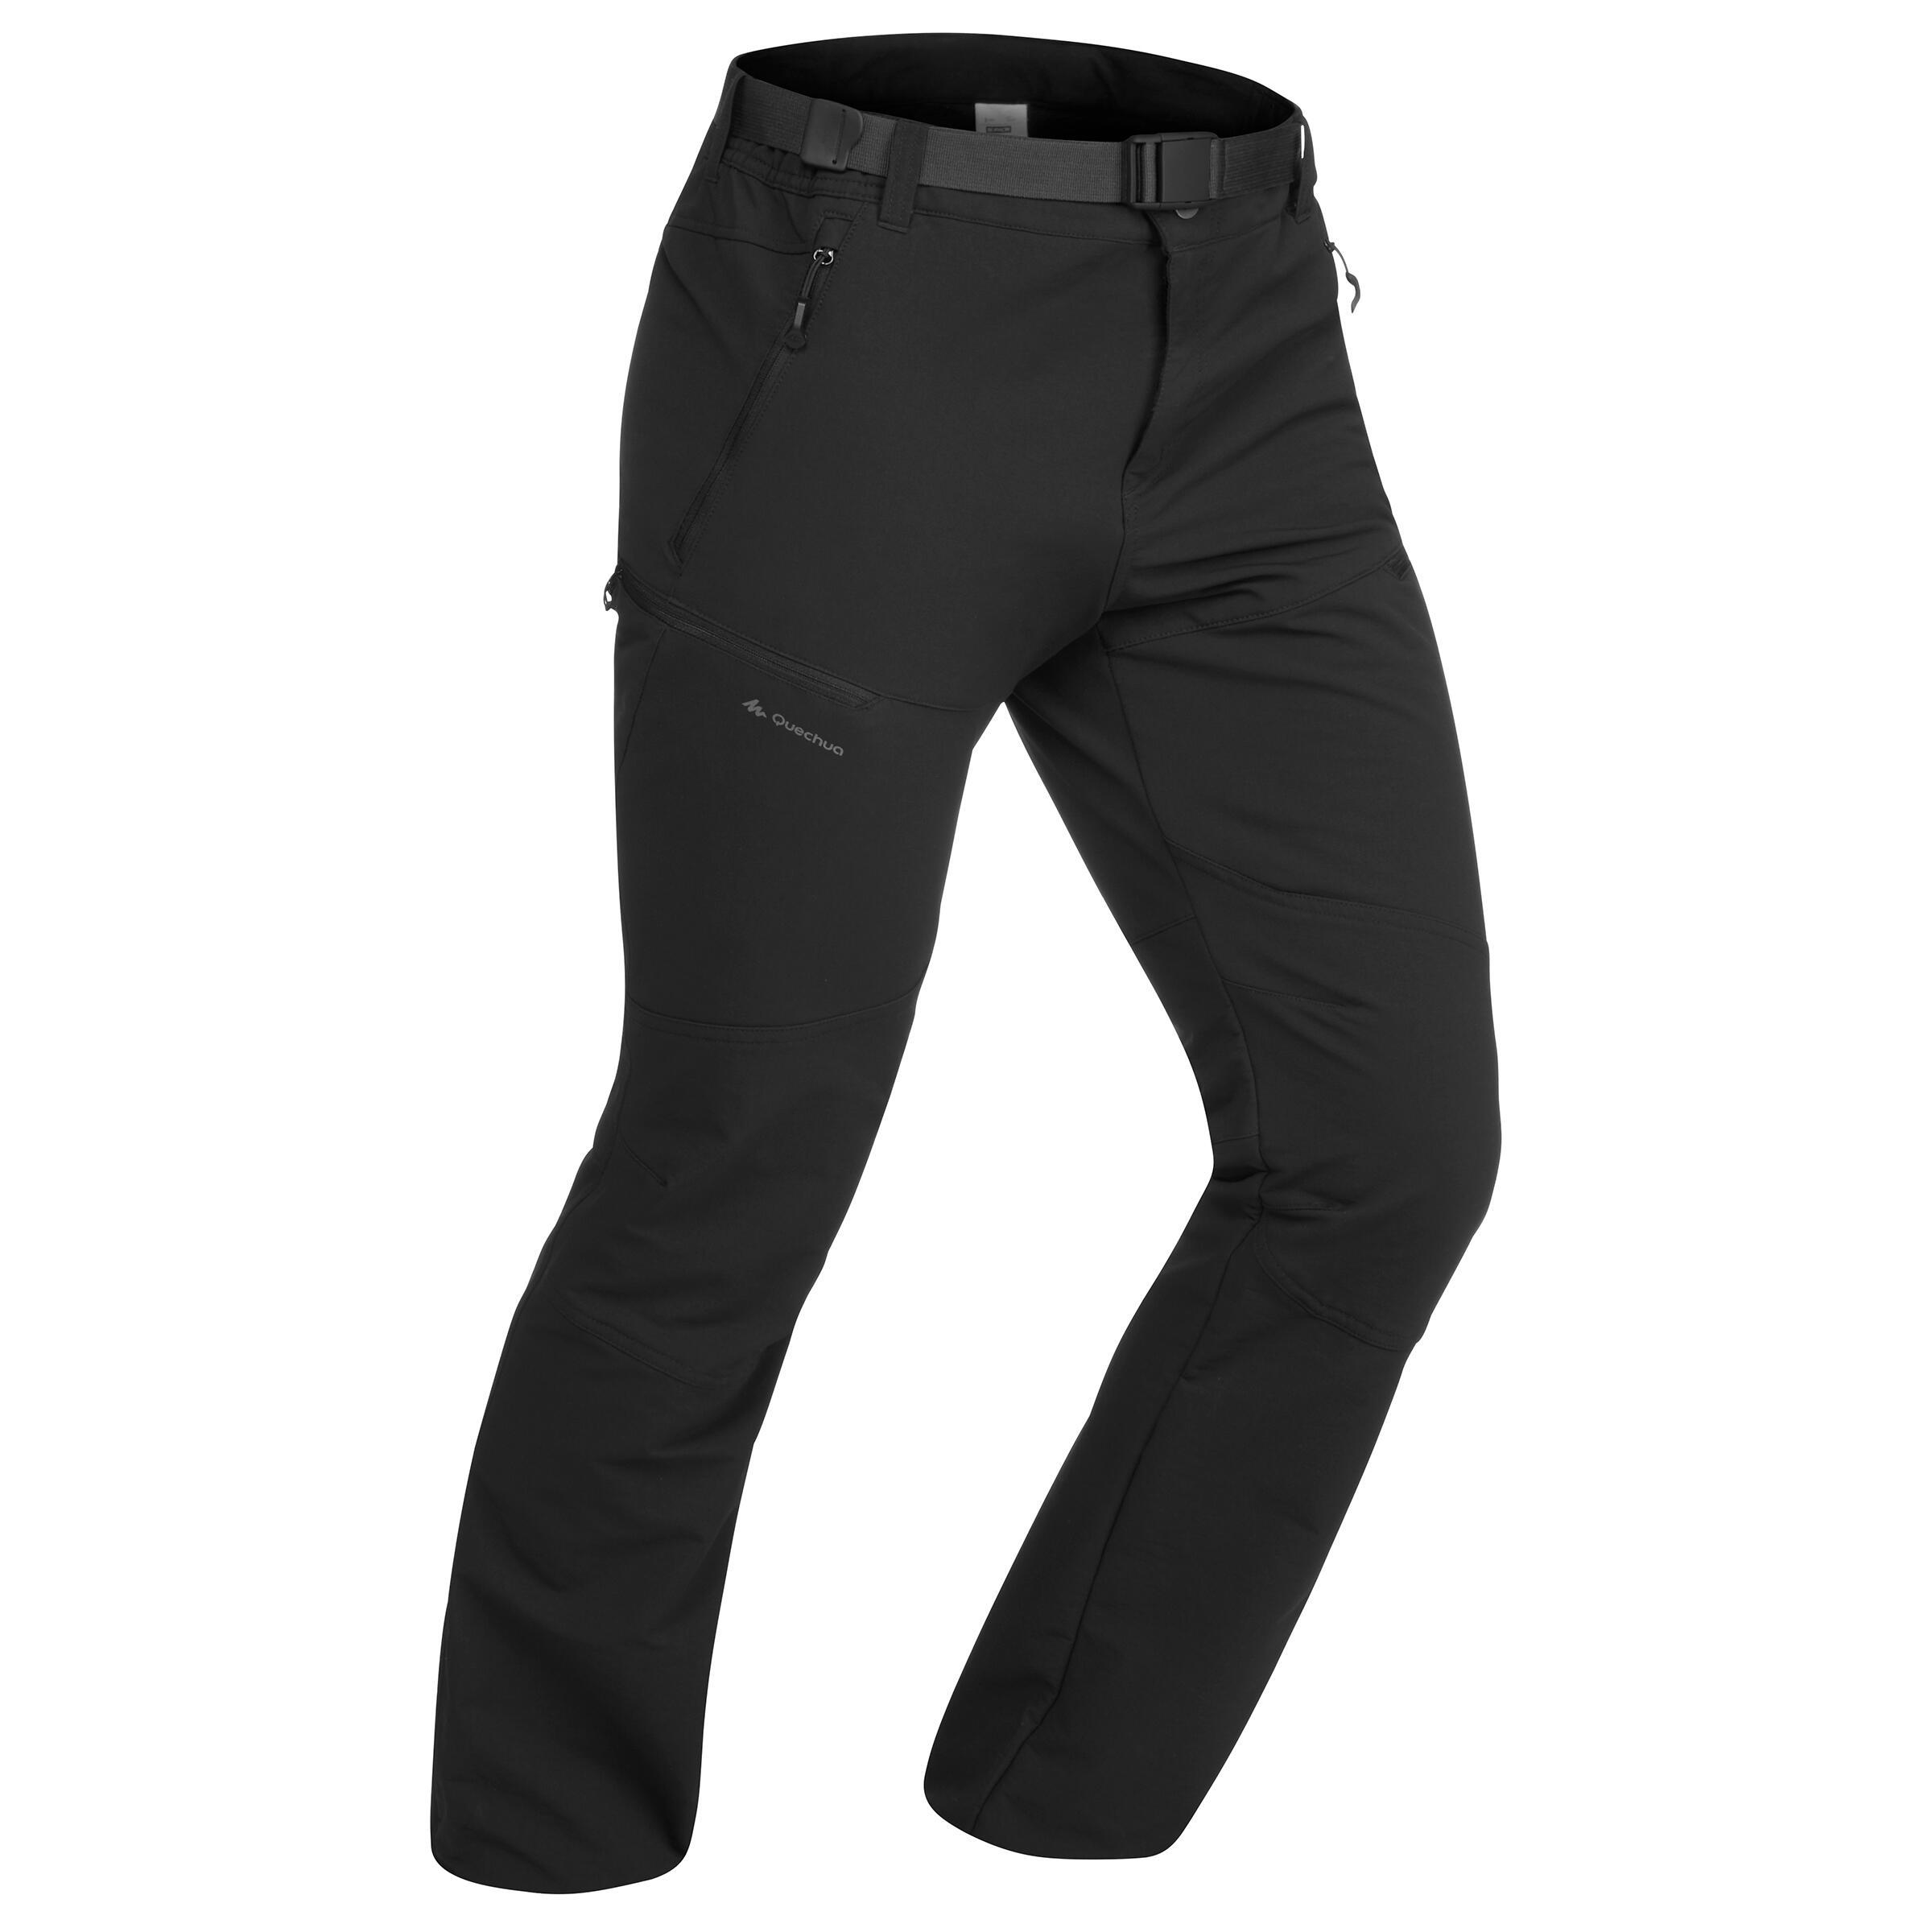 Pantalon SH500 X-WARM Bărbați